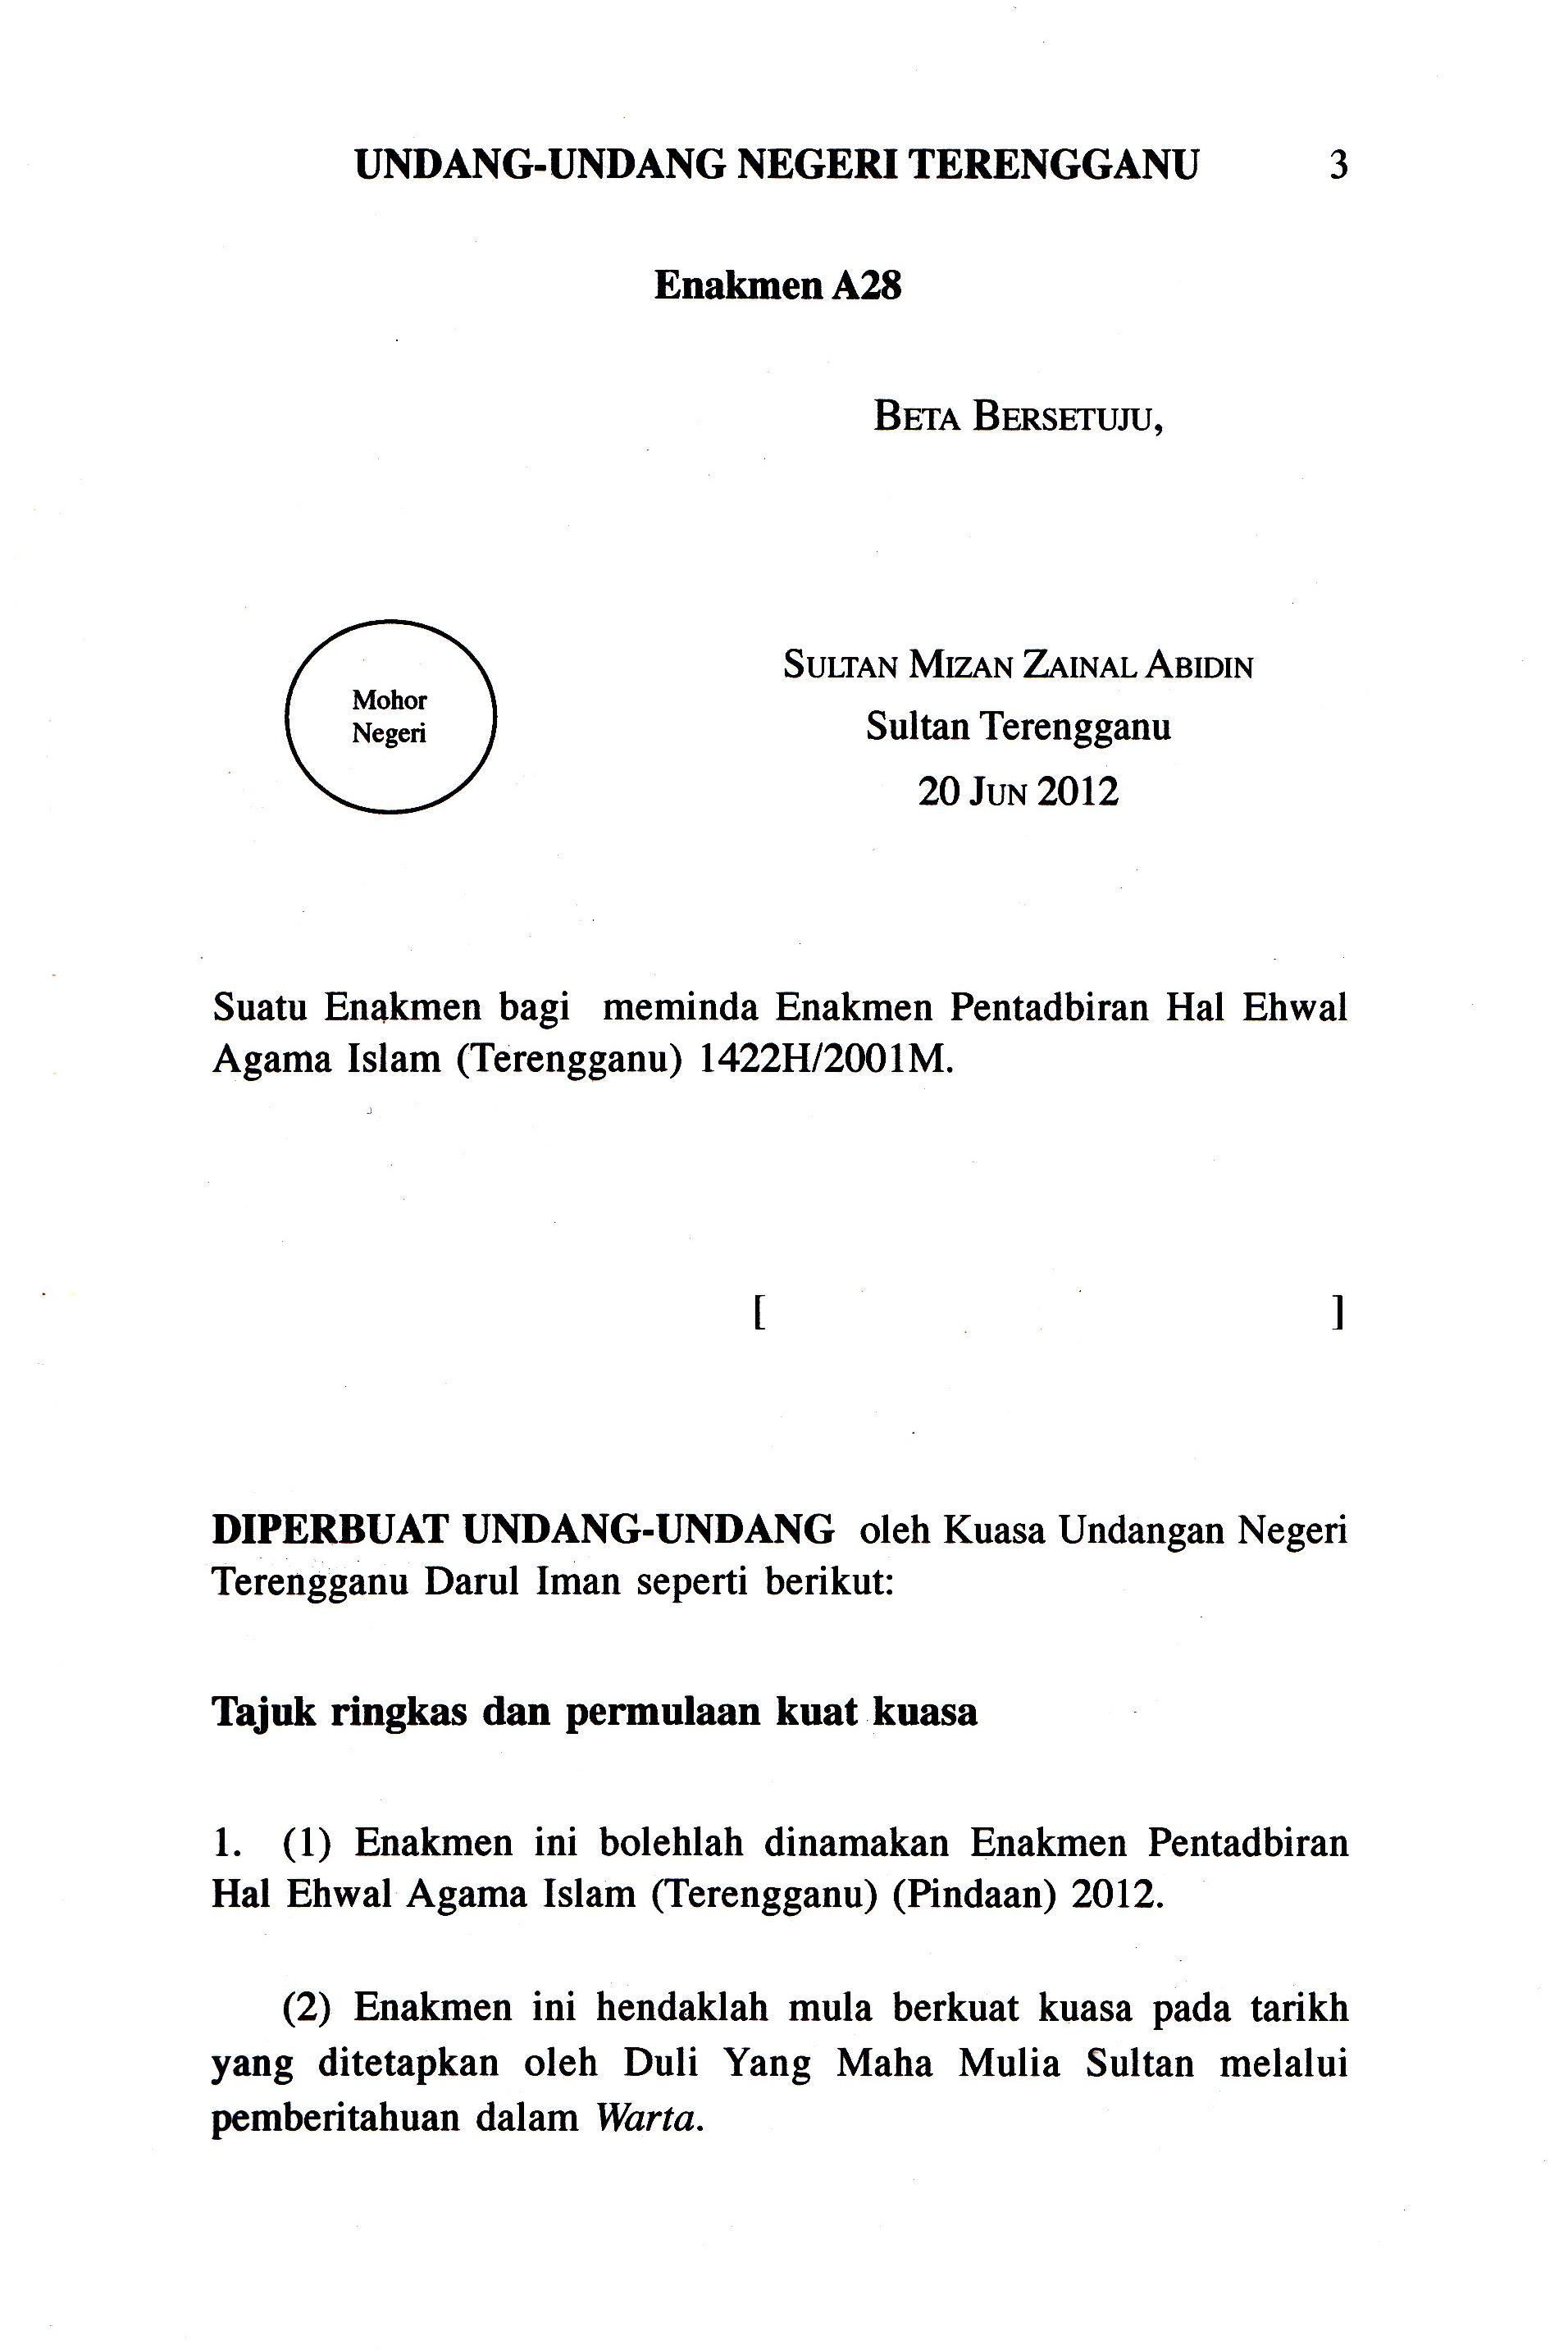 Enakmen Undang Undang Keluarga Islam Terengganu 2017